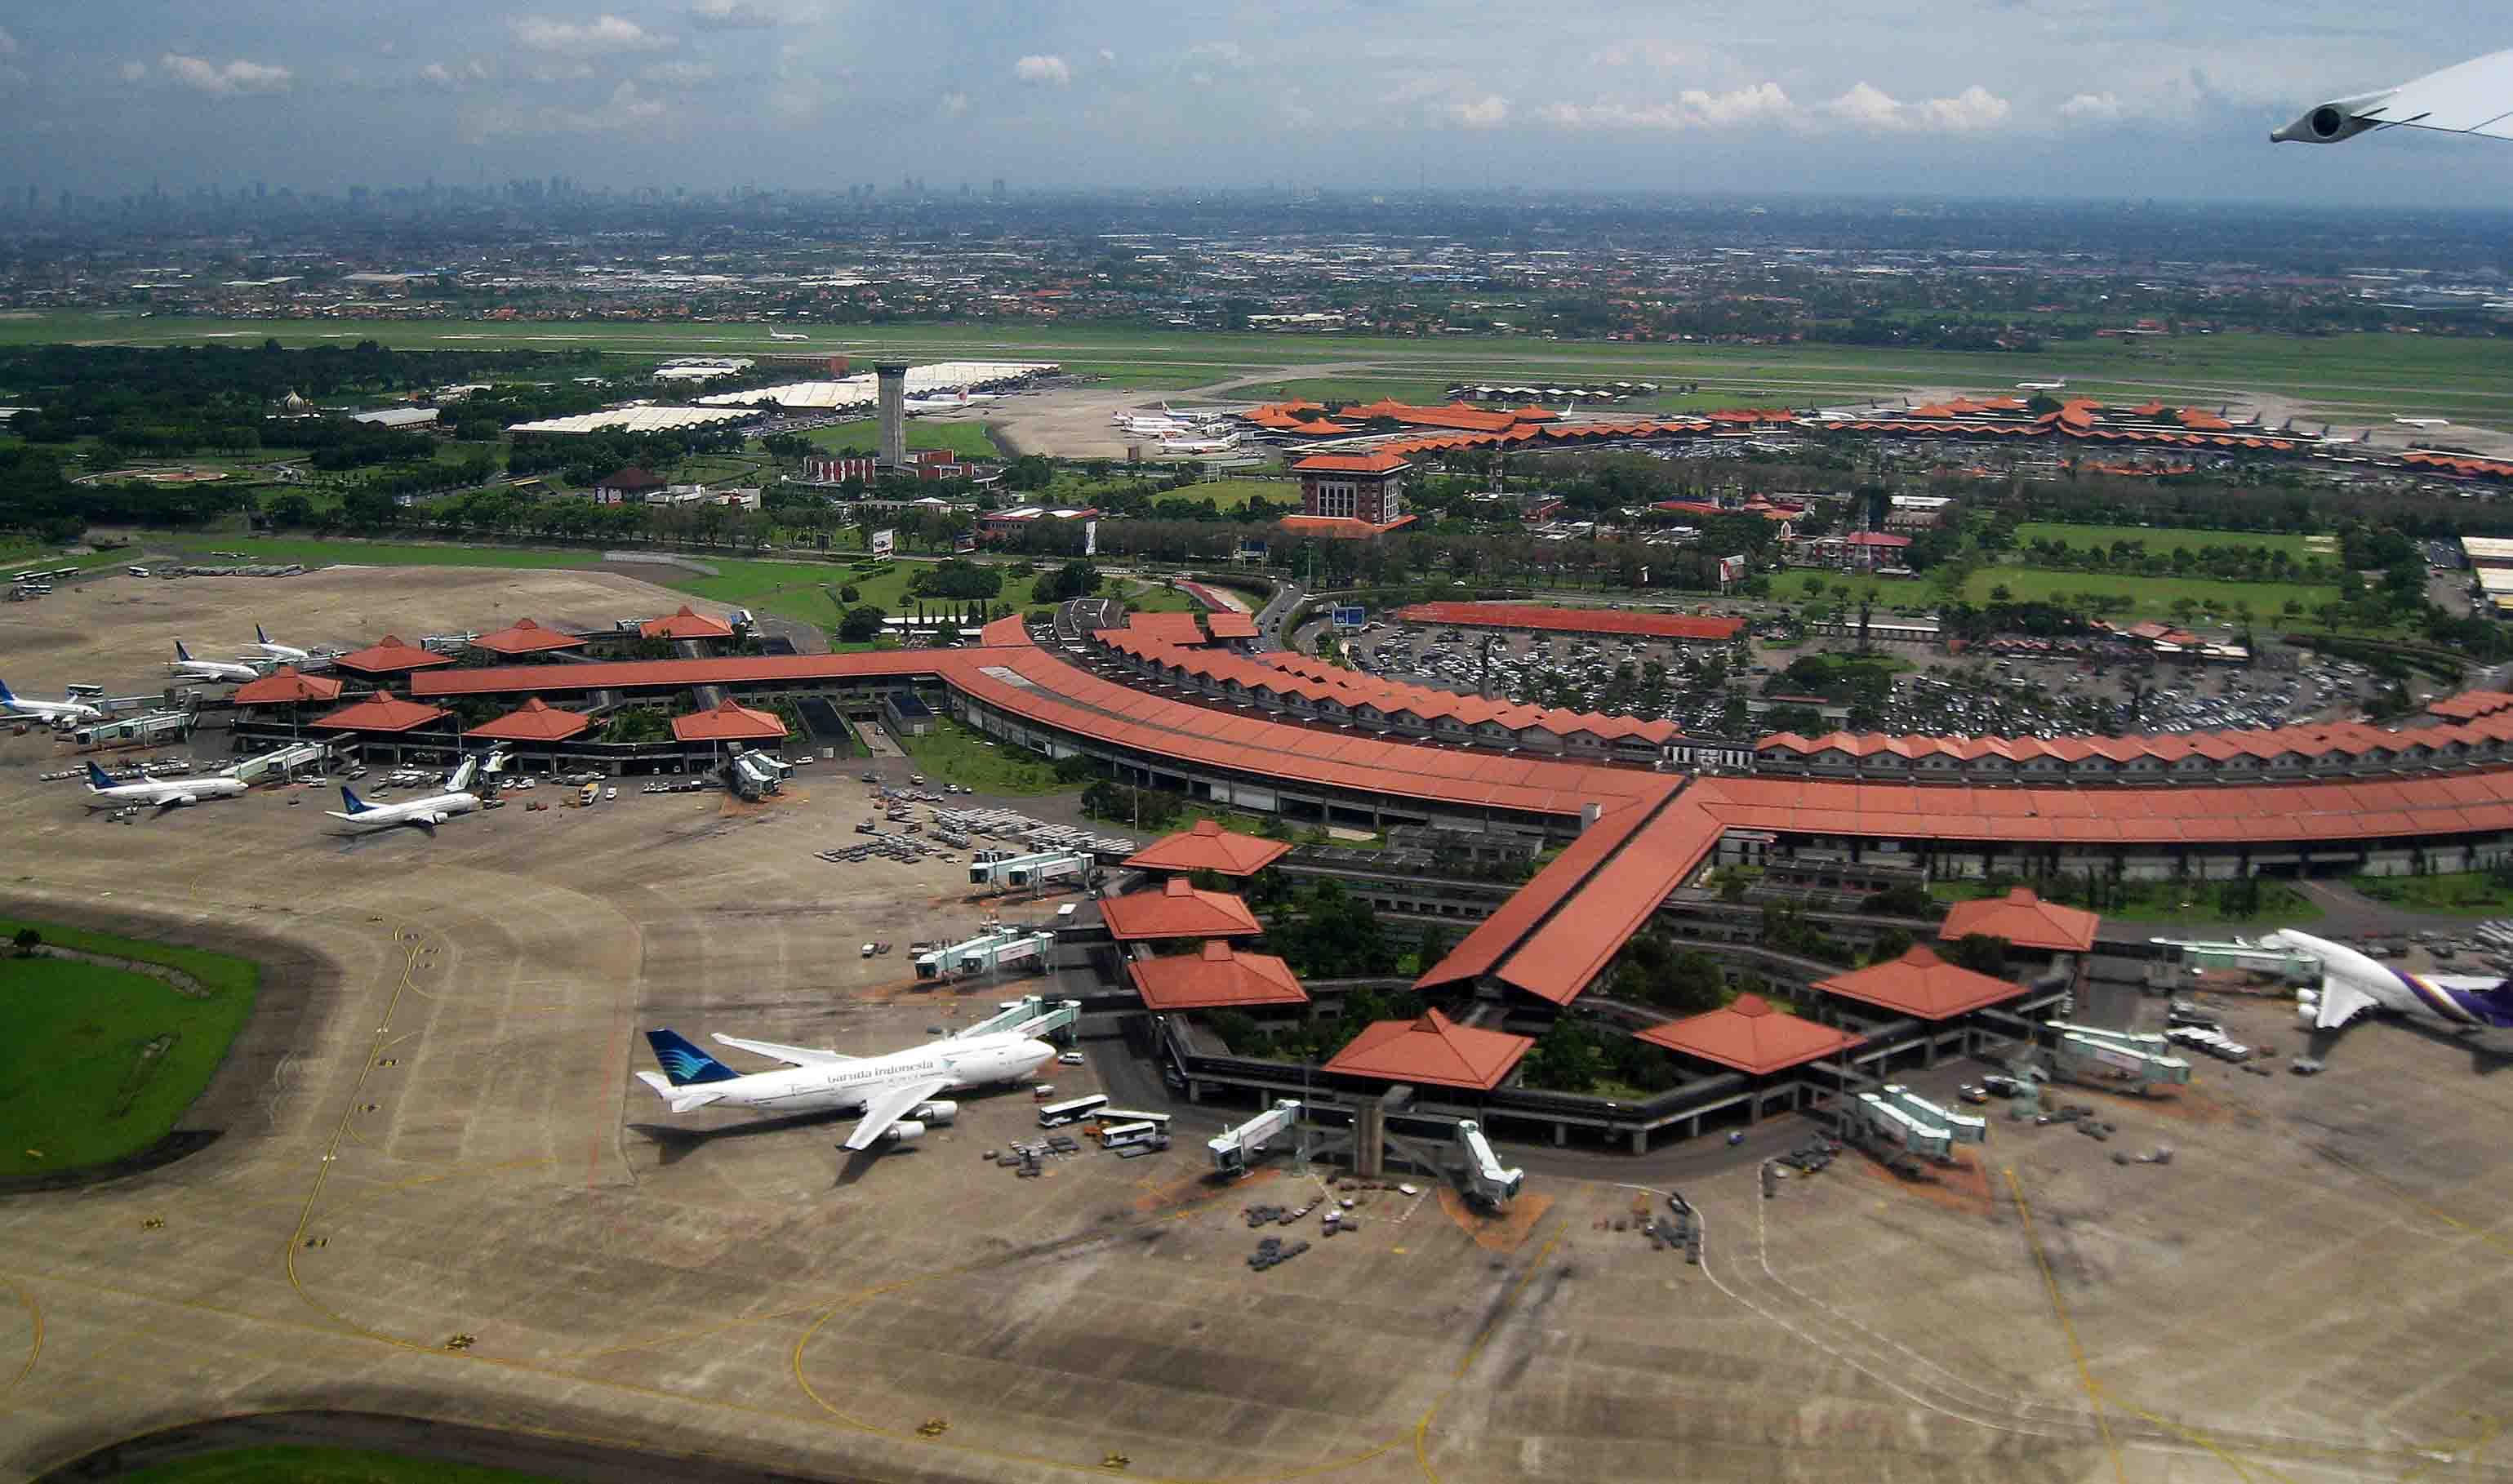 Tangerang, Daerah dengan Jumlah Bandara Terbanyak di ...